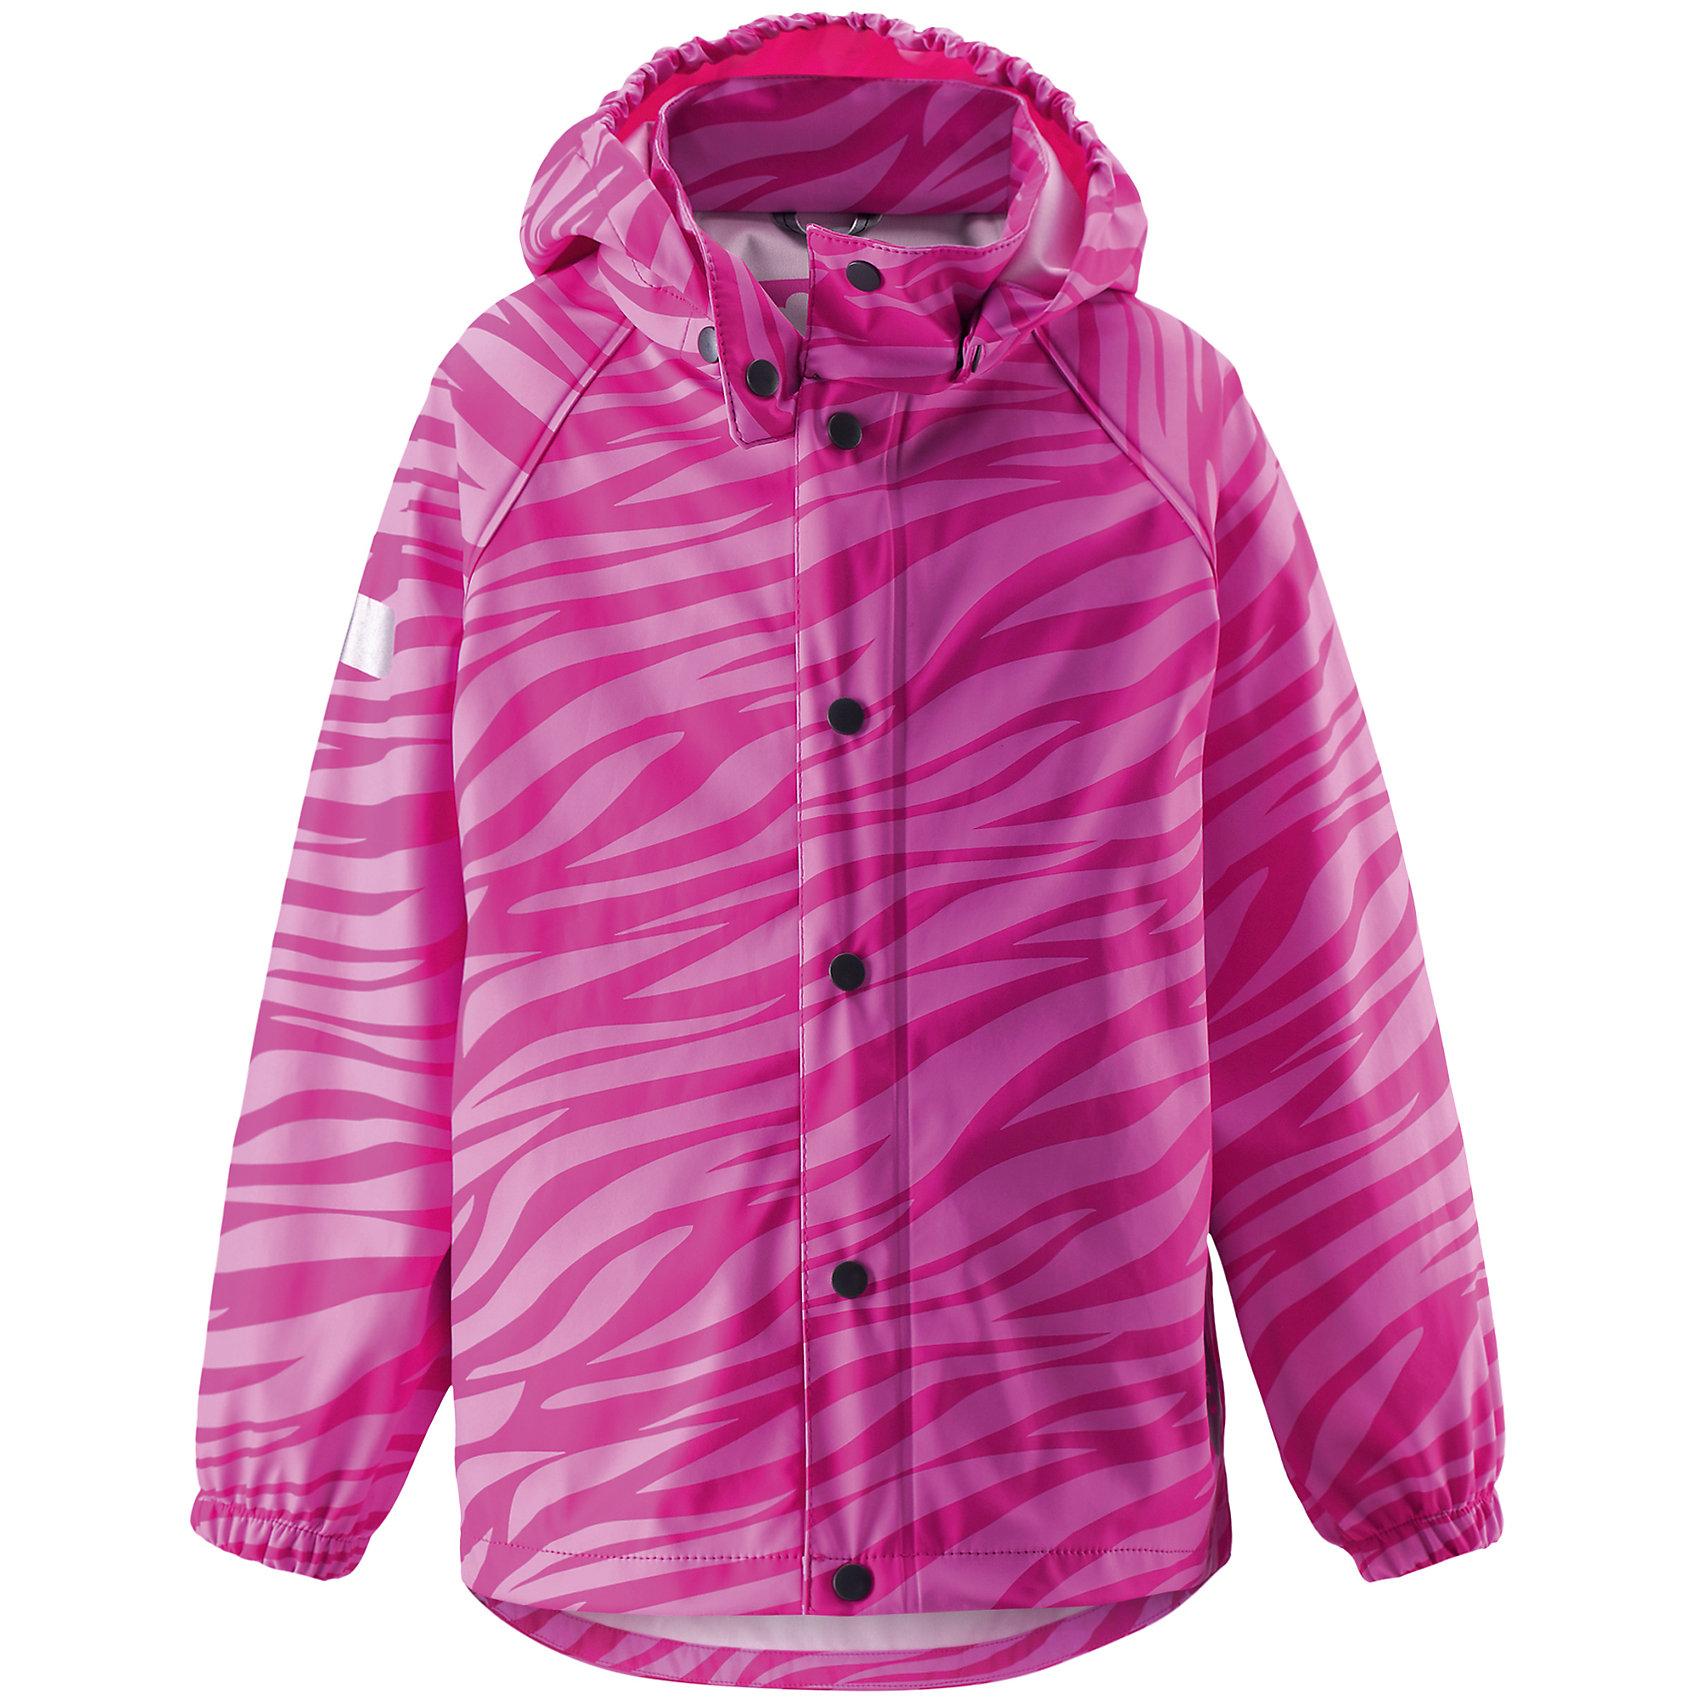 Куртка для девочки LASSIEОдежда<br>Куртка для девочки от известной компании LASSIE<br><br>Демисезонная куртка - отличная вещь для прогулок и активного отдыха. Она создана для прохладной погоды - спасет от ветра и дождя.<br>Куртка выполнена в оригинальной расцветке, легко надевается, не промокает. Ее очень просто чистить. Эта стильная и качественная вещь прослужит не один сезон!<br><br>Особенности модели:<br><br>- цвет: розовый;<br>- без утеплителя;<br>- рукава реглан;<br>- съемный капюшон;<br>- светоотражающие элементы;<br>- водо- и ветронепроницаемый, грязеотталкивающий материал;<br>- запаянные швы;<br>- застежки - кнопки;<br>- декорирована принтом;<br>- внизу рукавов - резинки.<br><br>Дополнительная информация:<br><br>Температурный режим: от +10° до +20° С<br><br>Состав: 100% полиэстер<br><br>Куртку для девочки от известной компании LASSIE (Лэсси Рейма) можно купить в нашем магазине.<br><br>Ширина мм: 356<br>Глубина мм: 10<br>Высота мм: 245<br>Вес г: 519<br>Цвет: розовый<br>Возраст от месяцев: 48<br>Возраст до месяцев: 60<br>Пол: Женский<br>Возраст: Детский<br>Размер: 110,128,116,104,98,92,122<br>SKU: 4555068